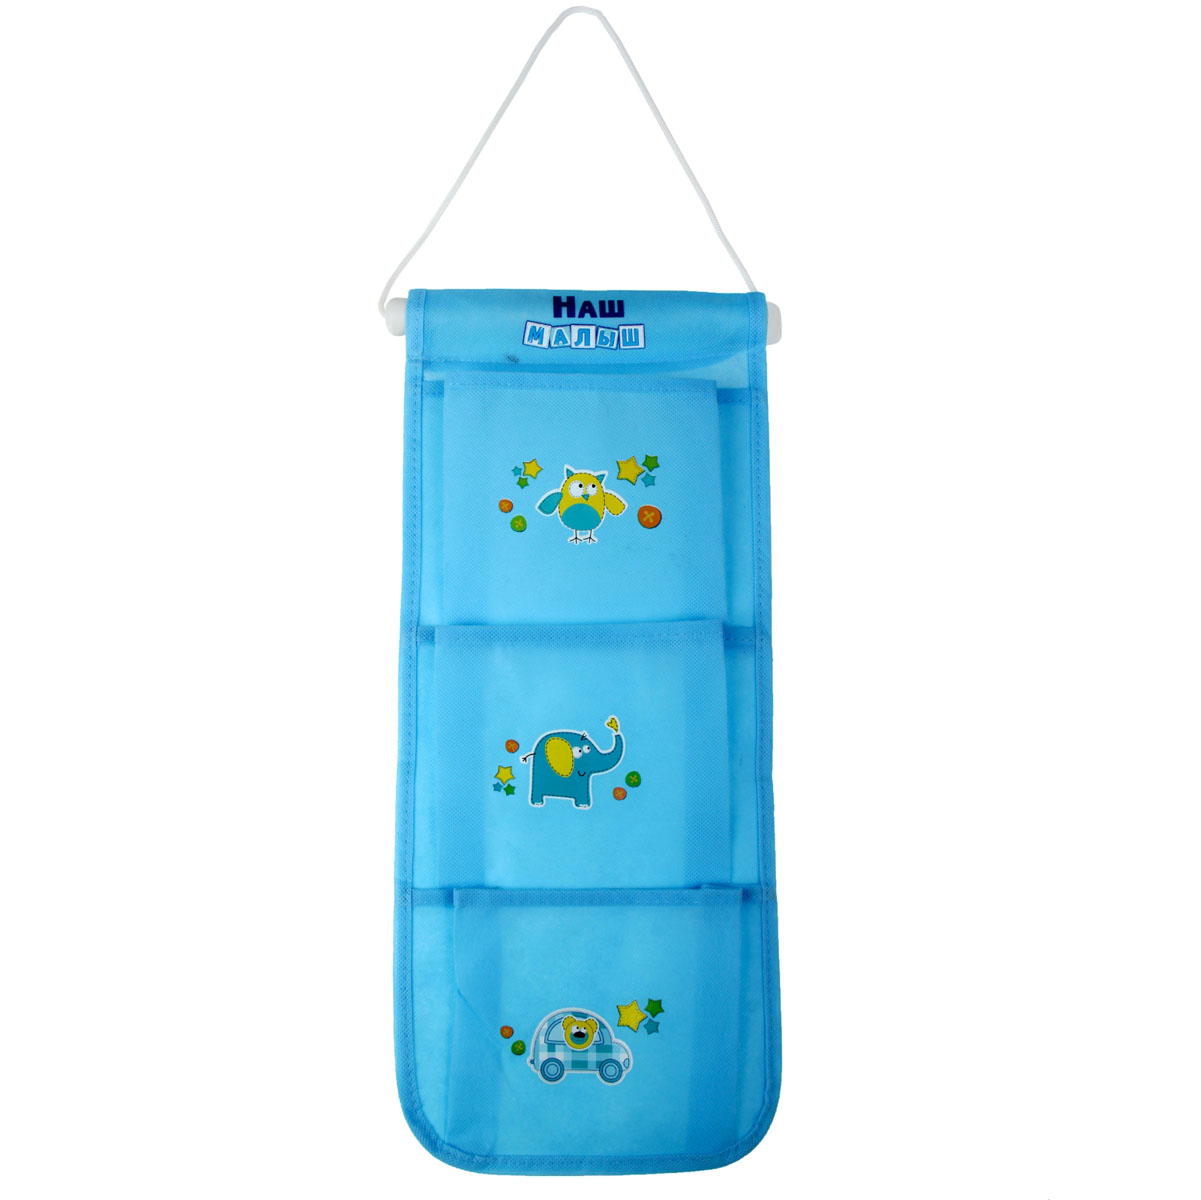 Кармашки на стену Sima-land Наш малыш, 3 кармашка, цвет: голубой, 46 х 18 смES-412Яркие кармашки на стену Sima-land Наш малыш с прикольными рисунками - очень полезная и удобная вещь в любом доме. Они предназначены для хранения необходимых вещей, множества мелочей в гардеробной, ванной, детской комнатах.Кармашки на стену компактные и вместительные, созданы для того, чтобы любимые вещички были всегда под рукой. Кармашки легко крепятся на стену и станут ее украшением.